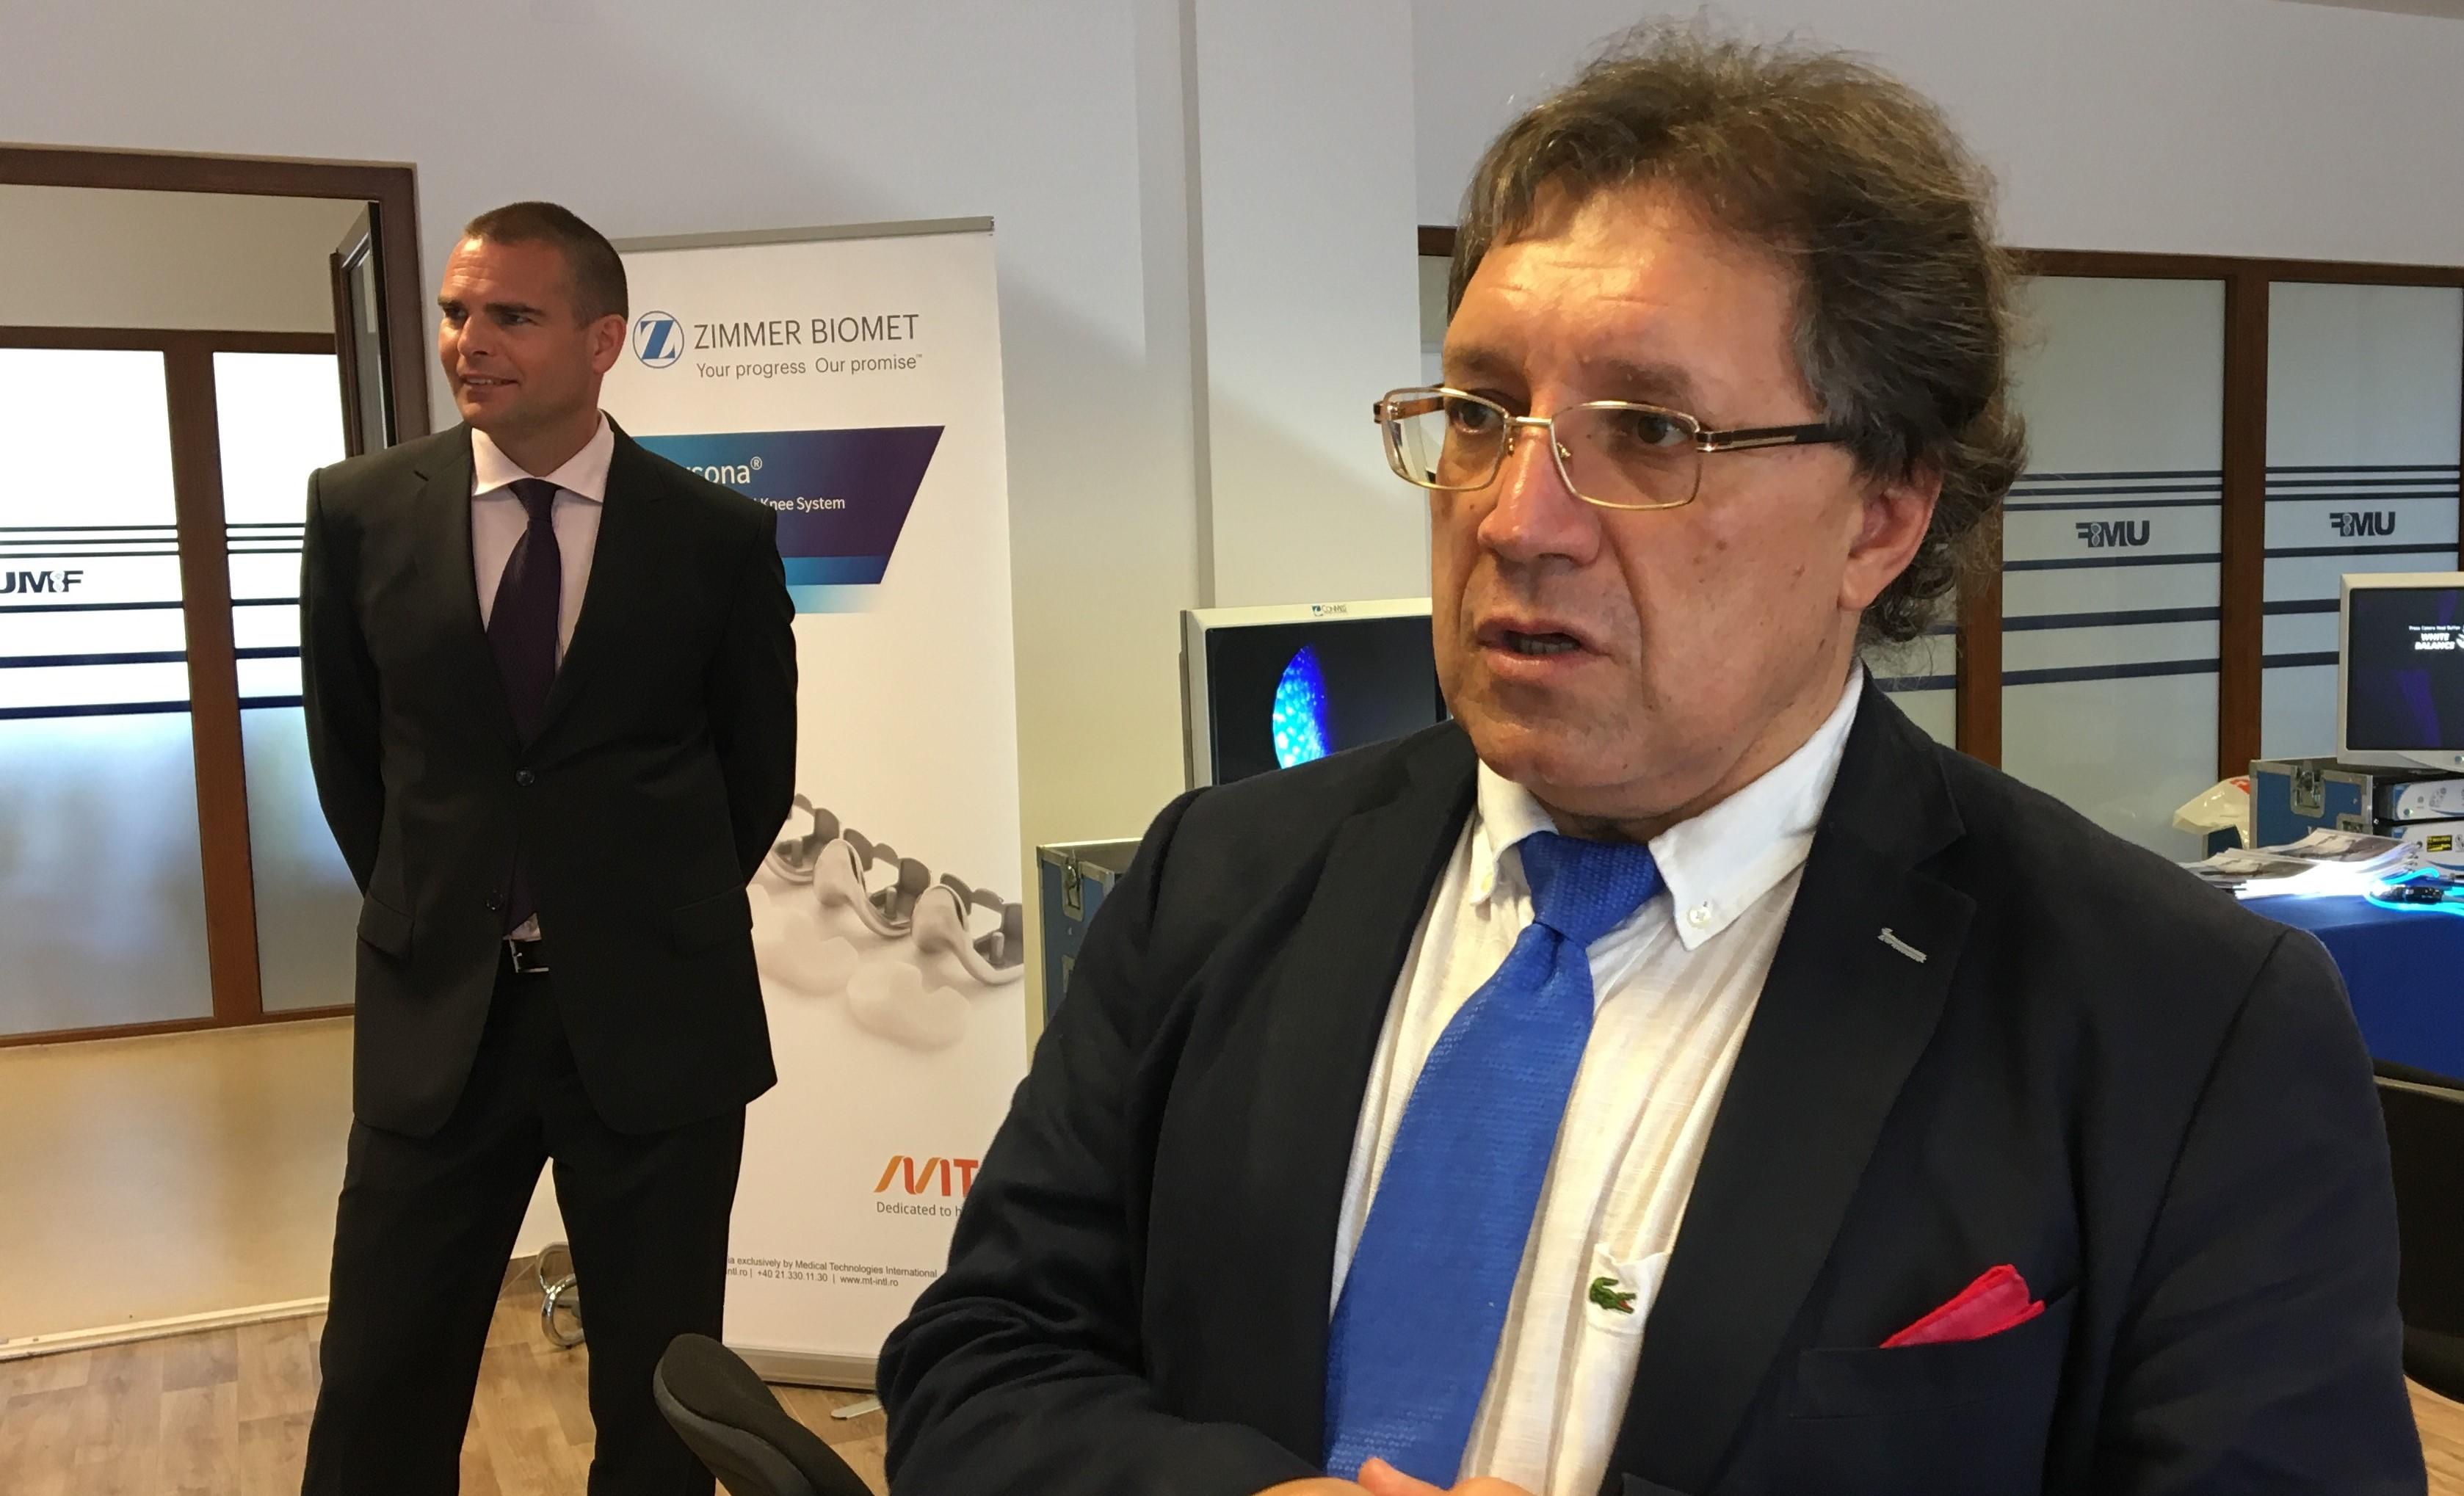 Sistem de realitate virtuală, prezentat la Cursul Internațional de Chirurgie Artroscopică de la UMF Tîrgu Mureș